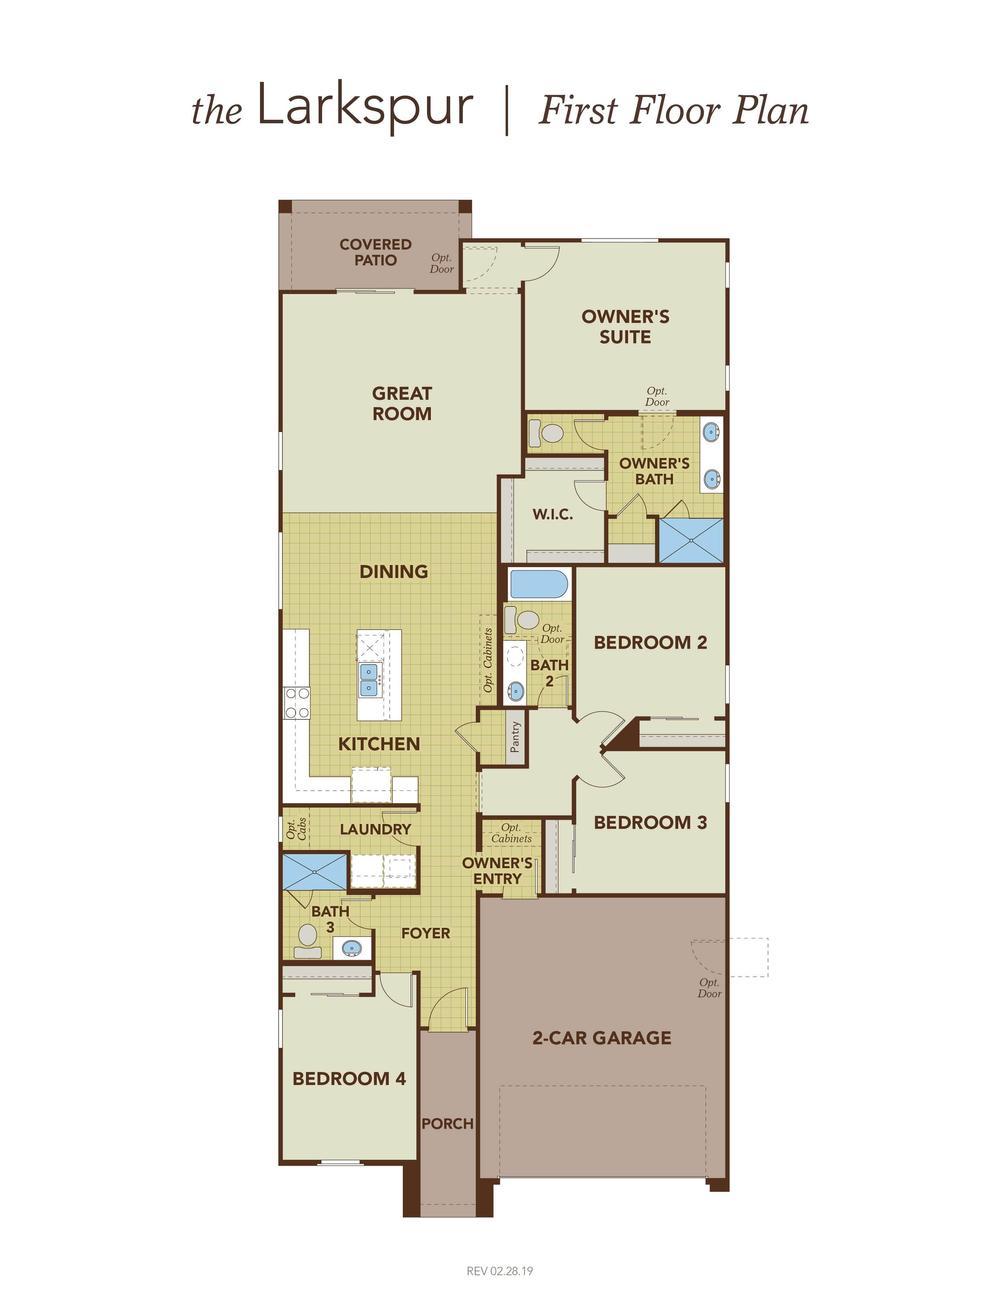 Larkspur First Floor Plan